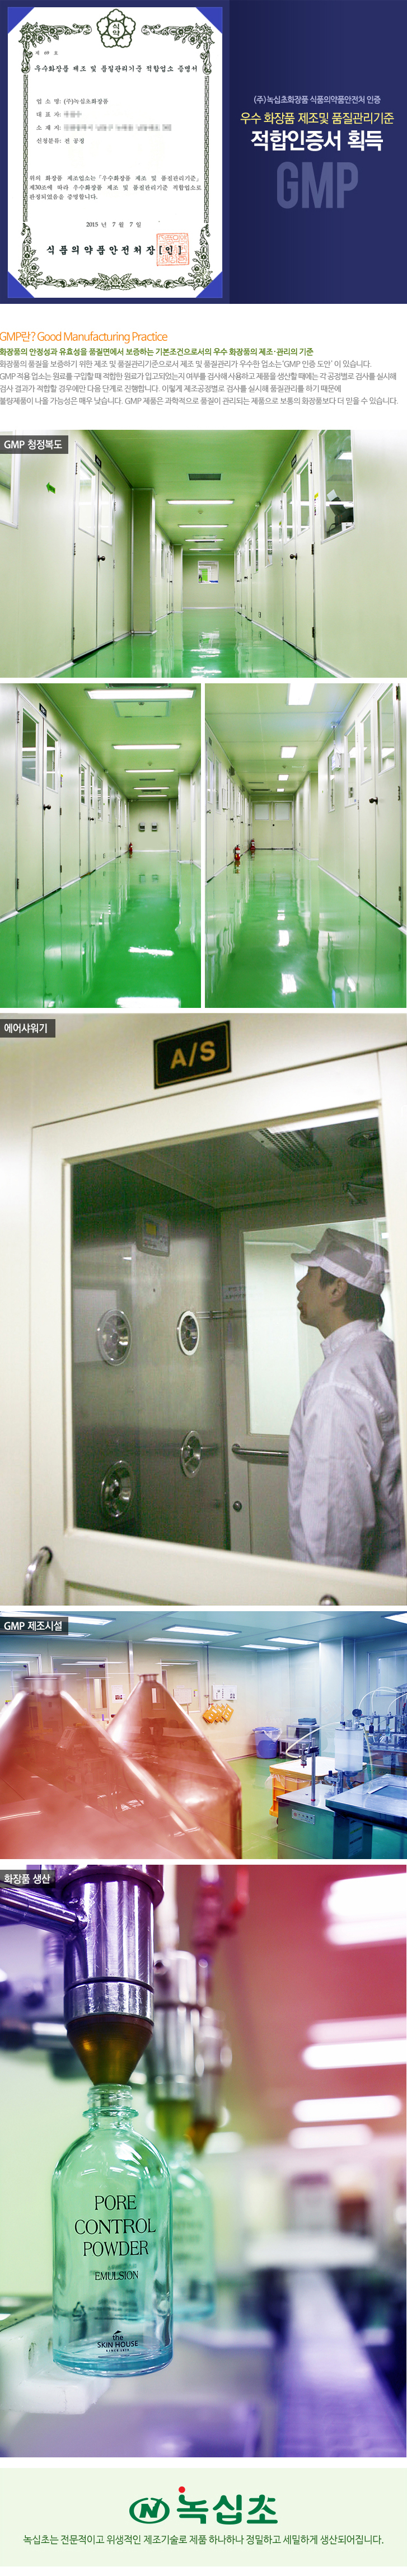 (주)녹십초화장품 식품의약품안전처인증 우수 화장품 제조 및 품질관리기준 적합인증서 획득